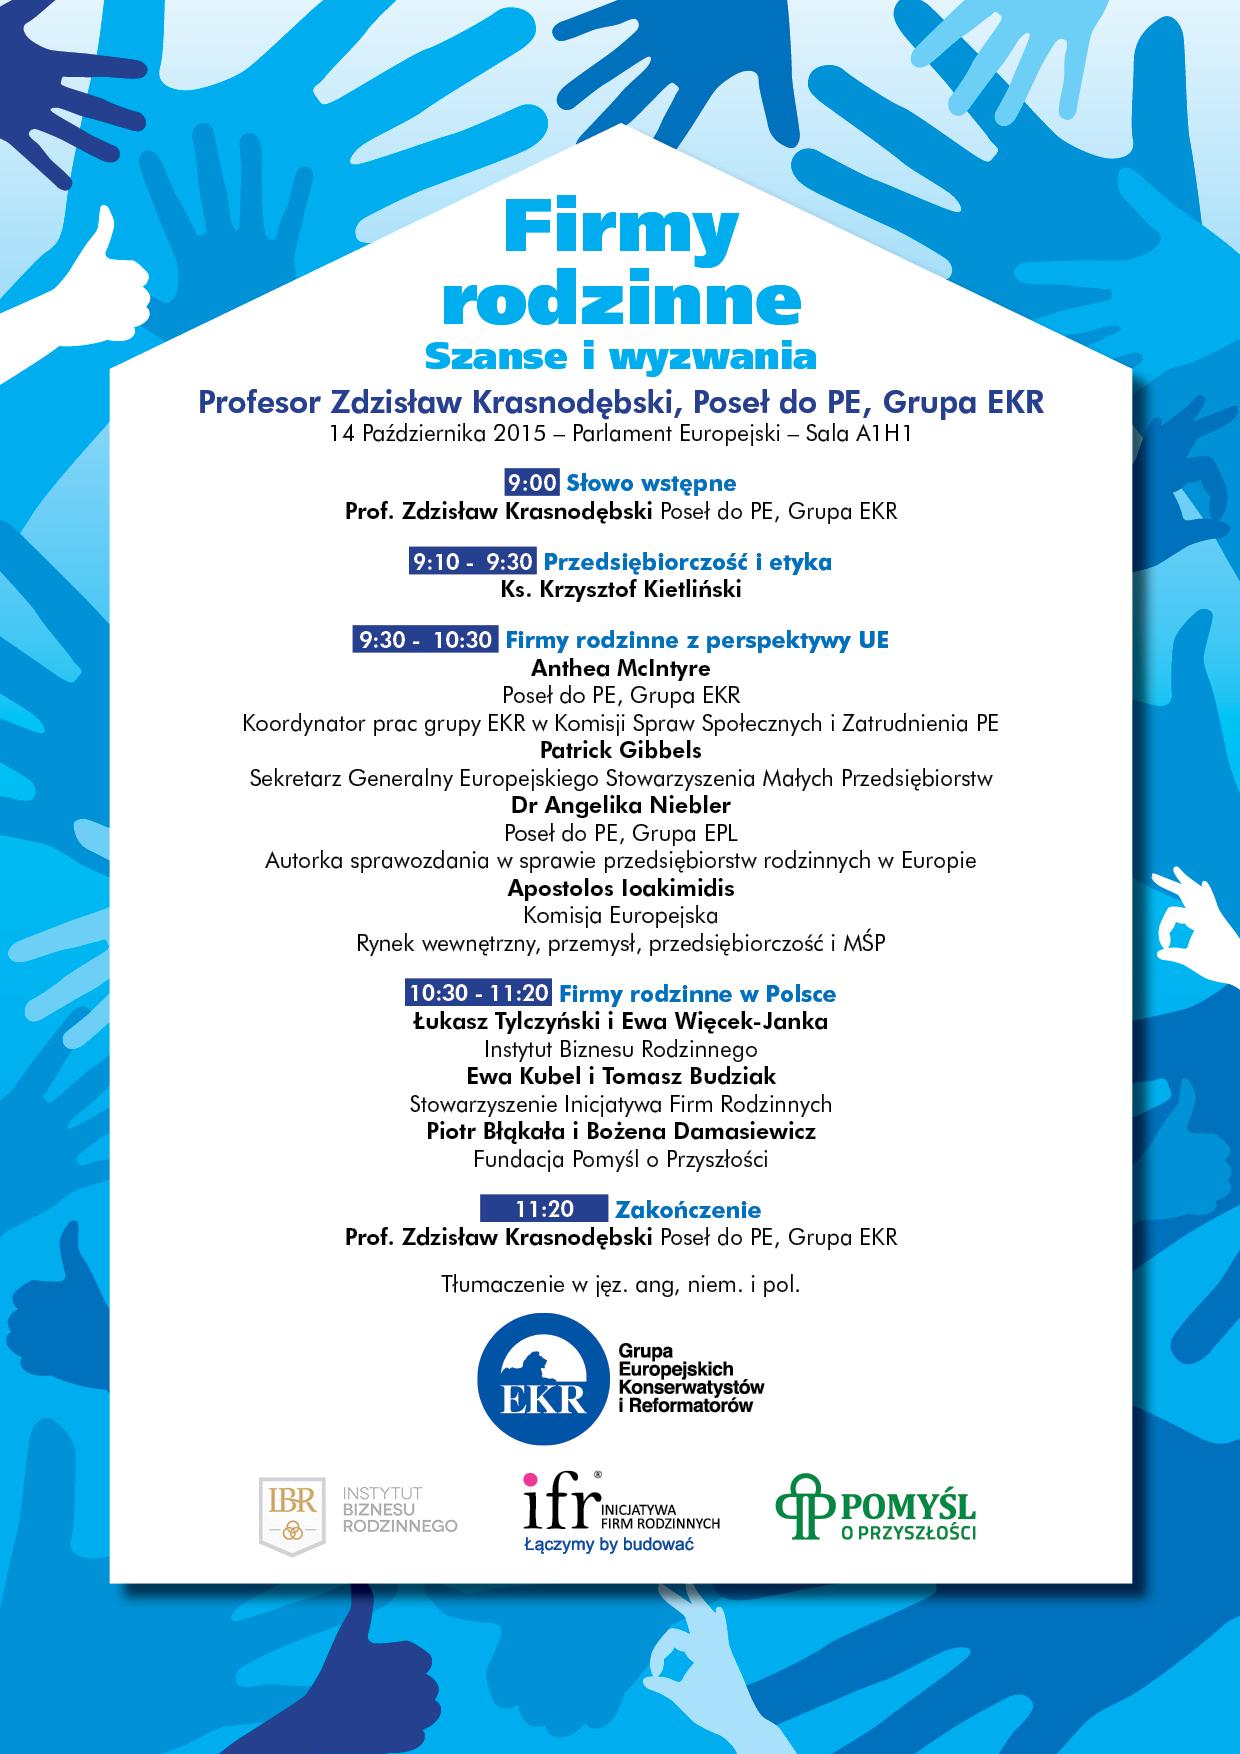 Firmy Rodzinne_seminarium w PE_14.10.2015_